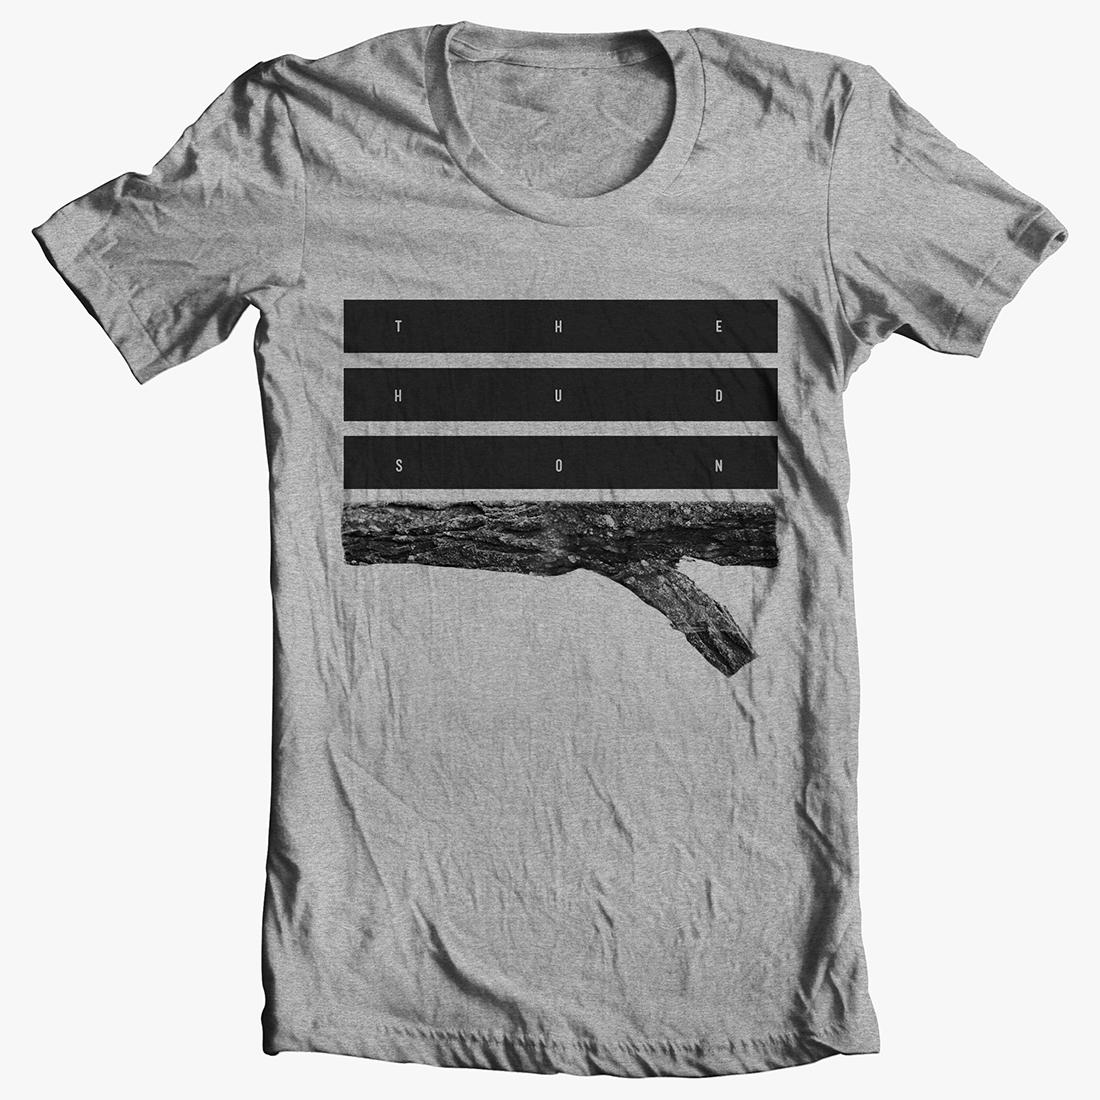 THB_shirt_barbranch.jpg